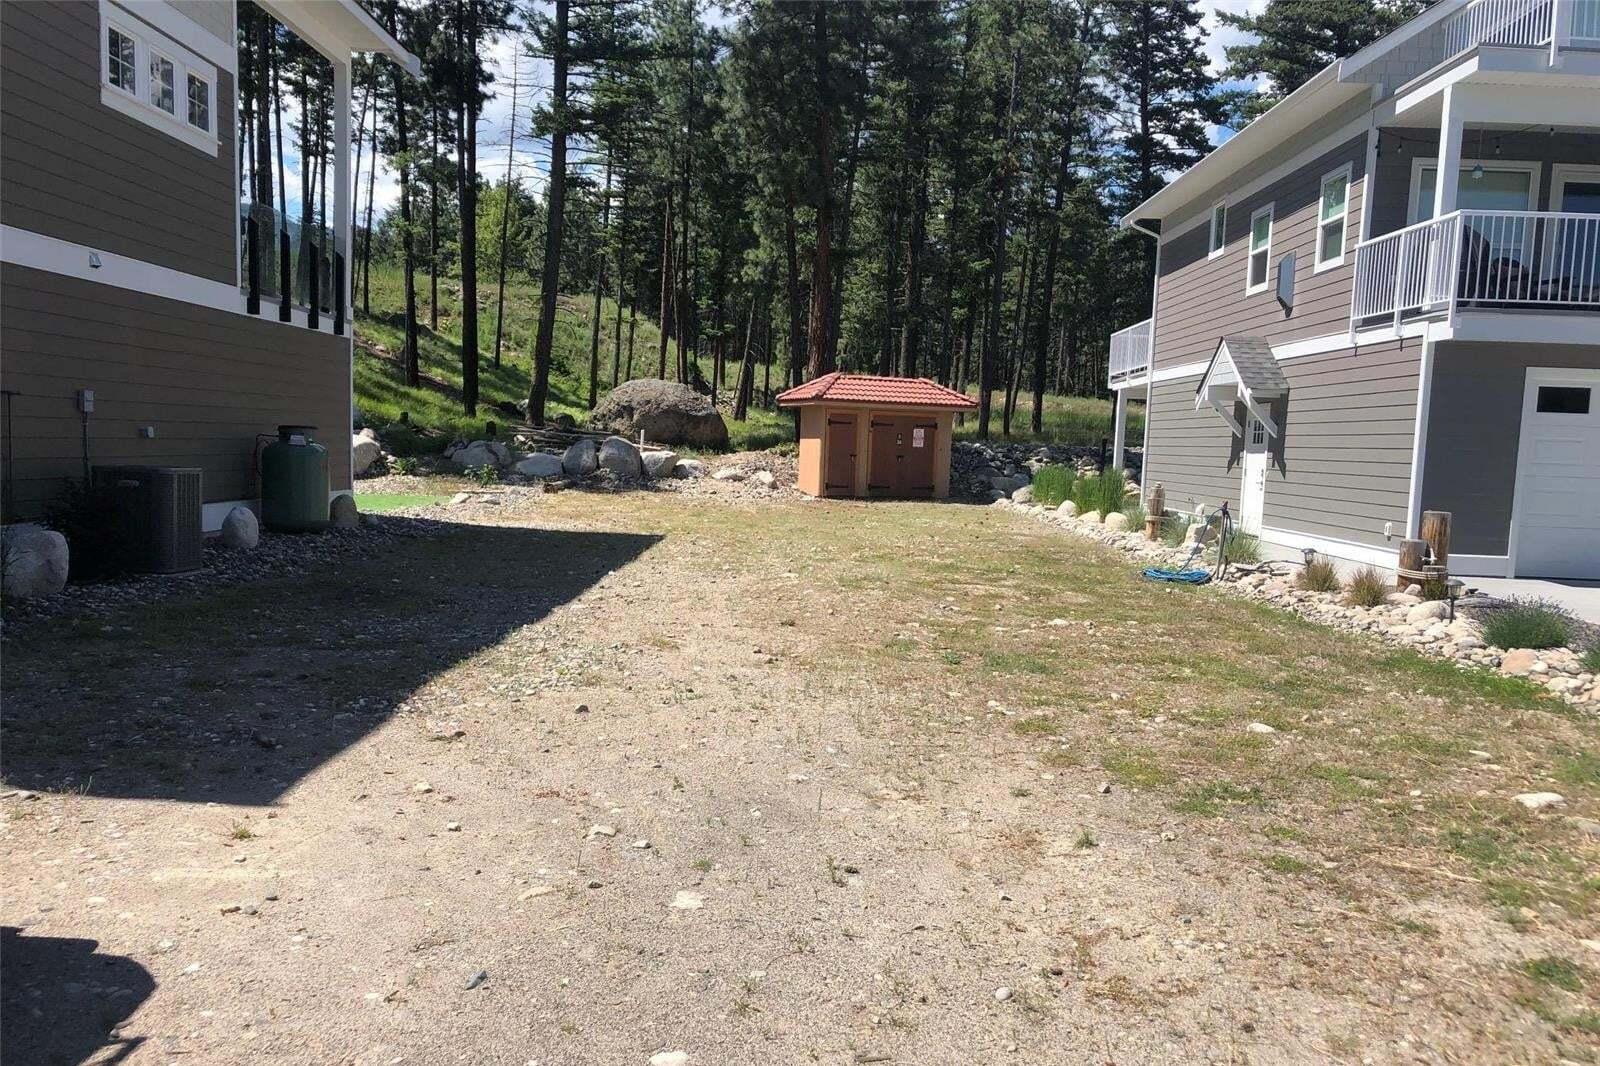 Home for sale at 6972 Terazona Dr Kelowna British Columbia - MLS: 10206916